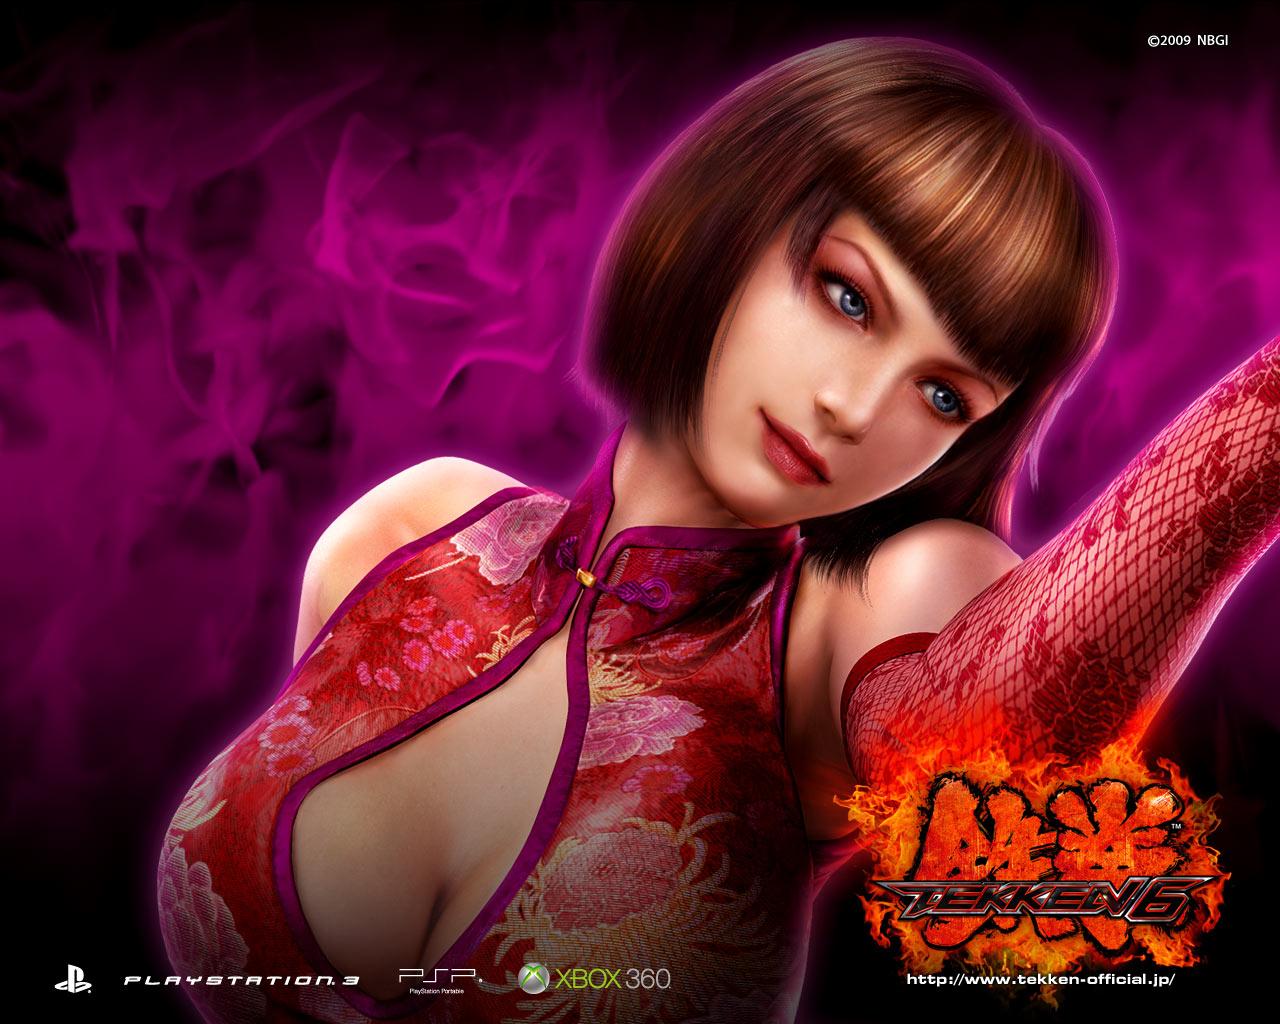 Tekken 6 HD images Tekken 6 wallpapers 1280x1024